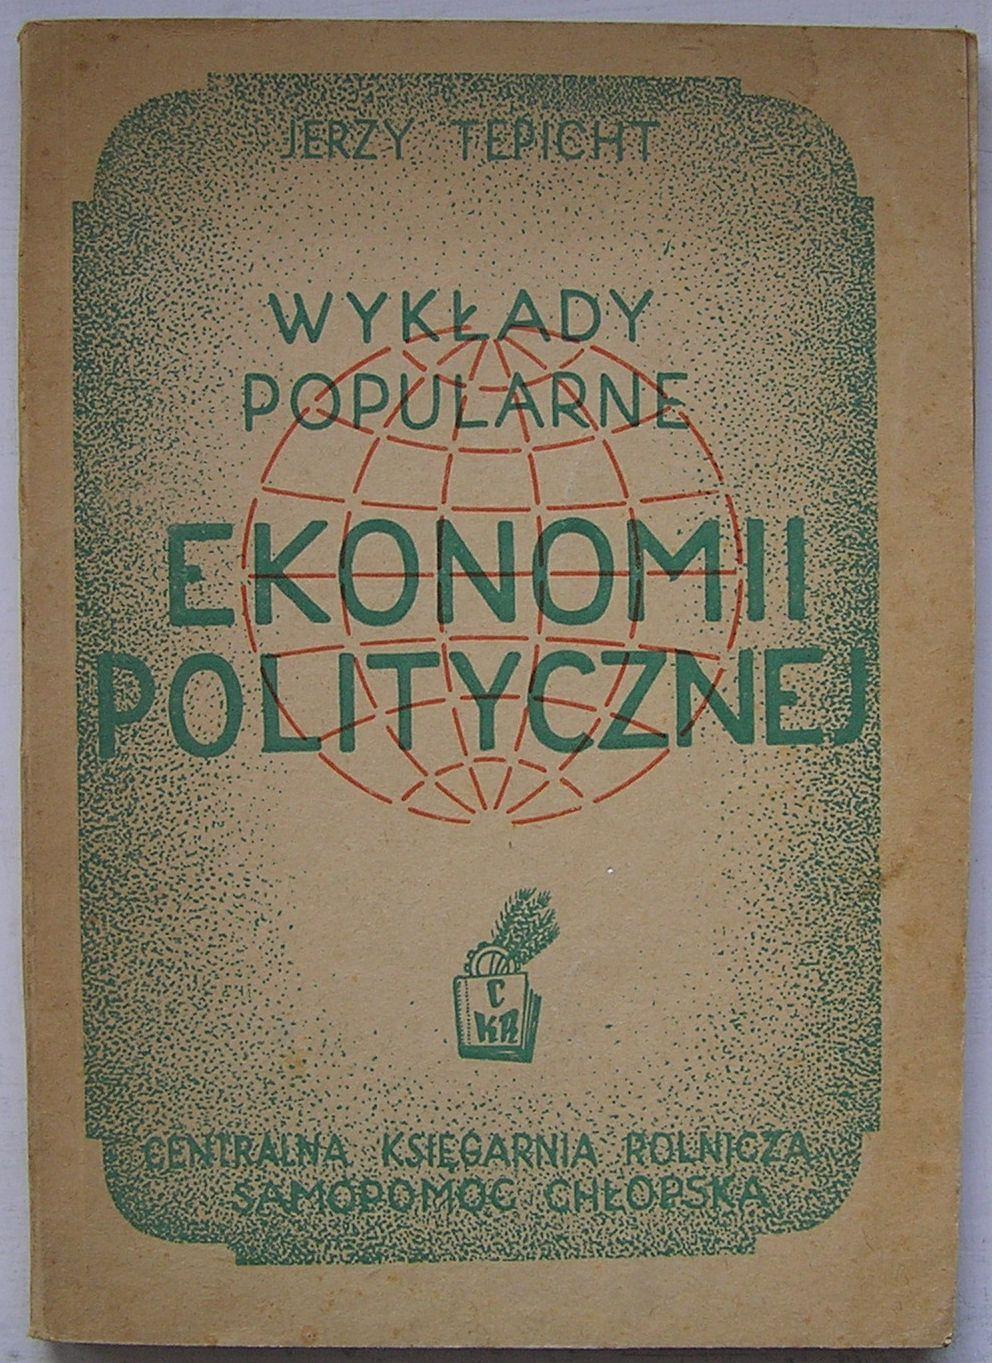 TEPICHT WYKŁADY POPULARNE EKONOMII POLITYCZNEJ1948